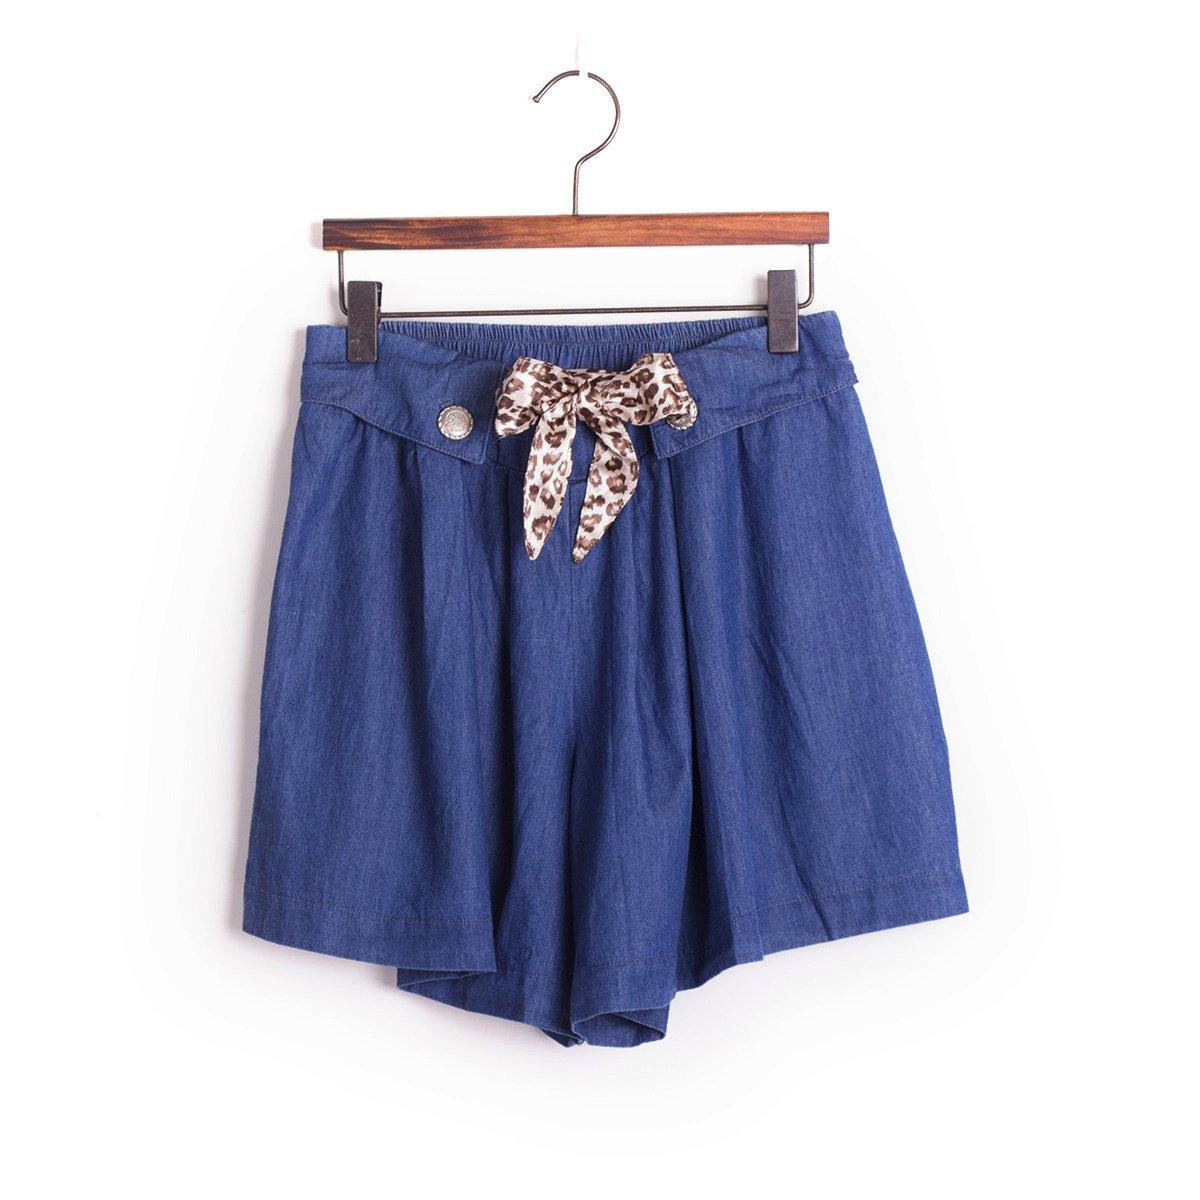 Cotton culotte shorts blue removable leopard belt S